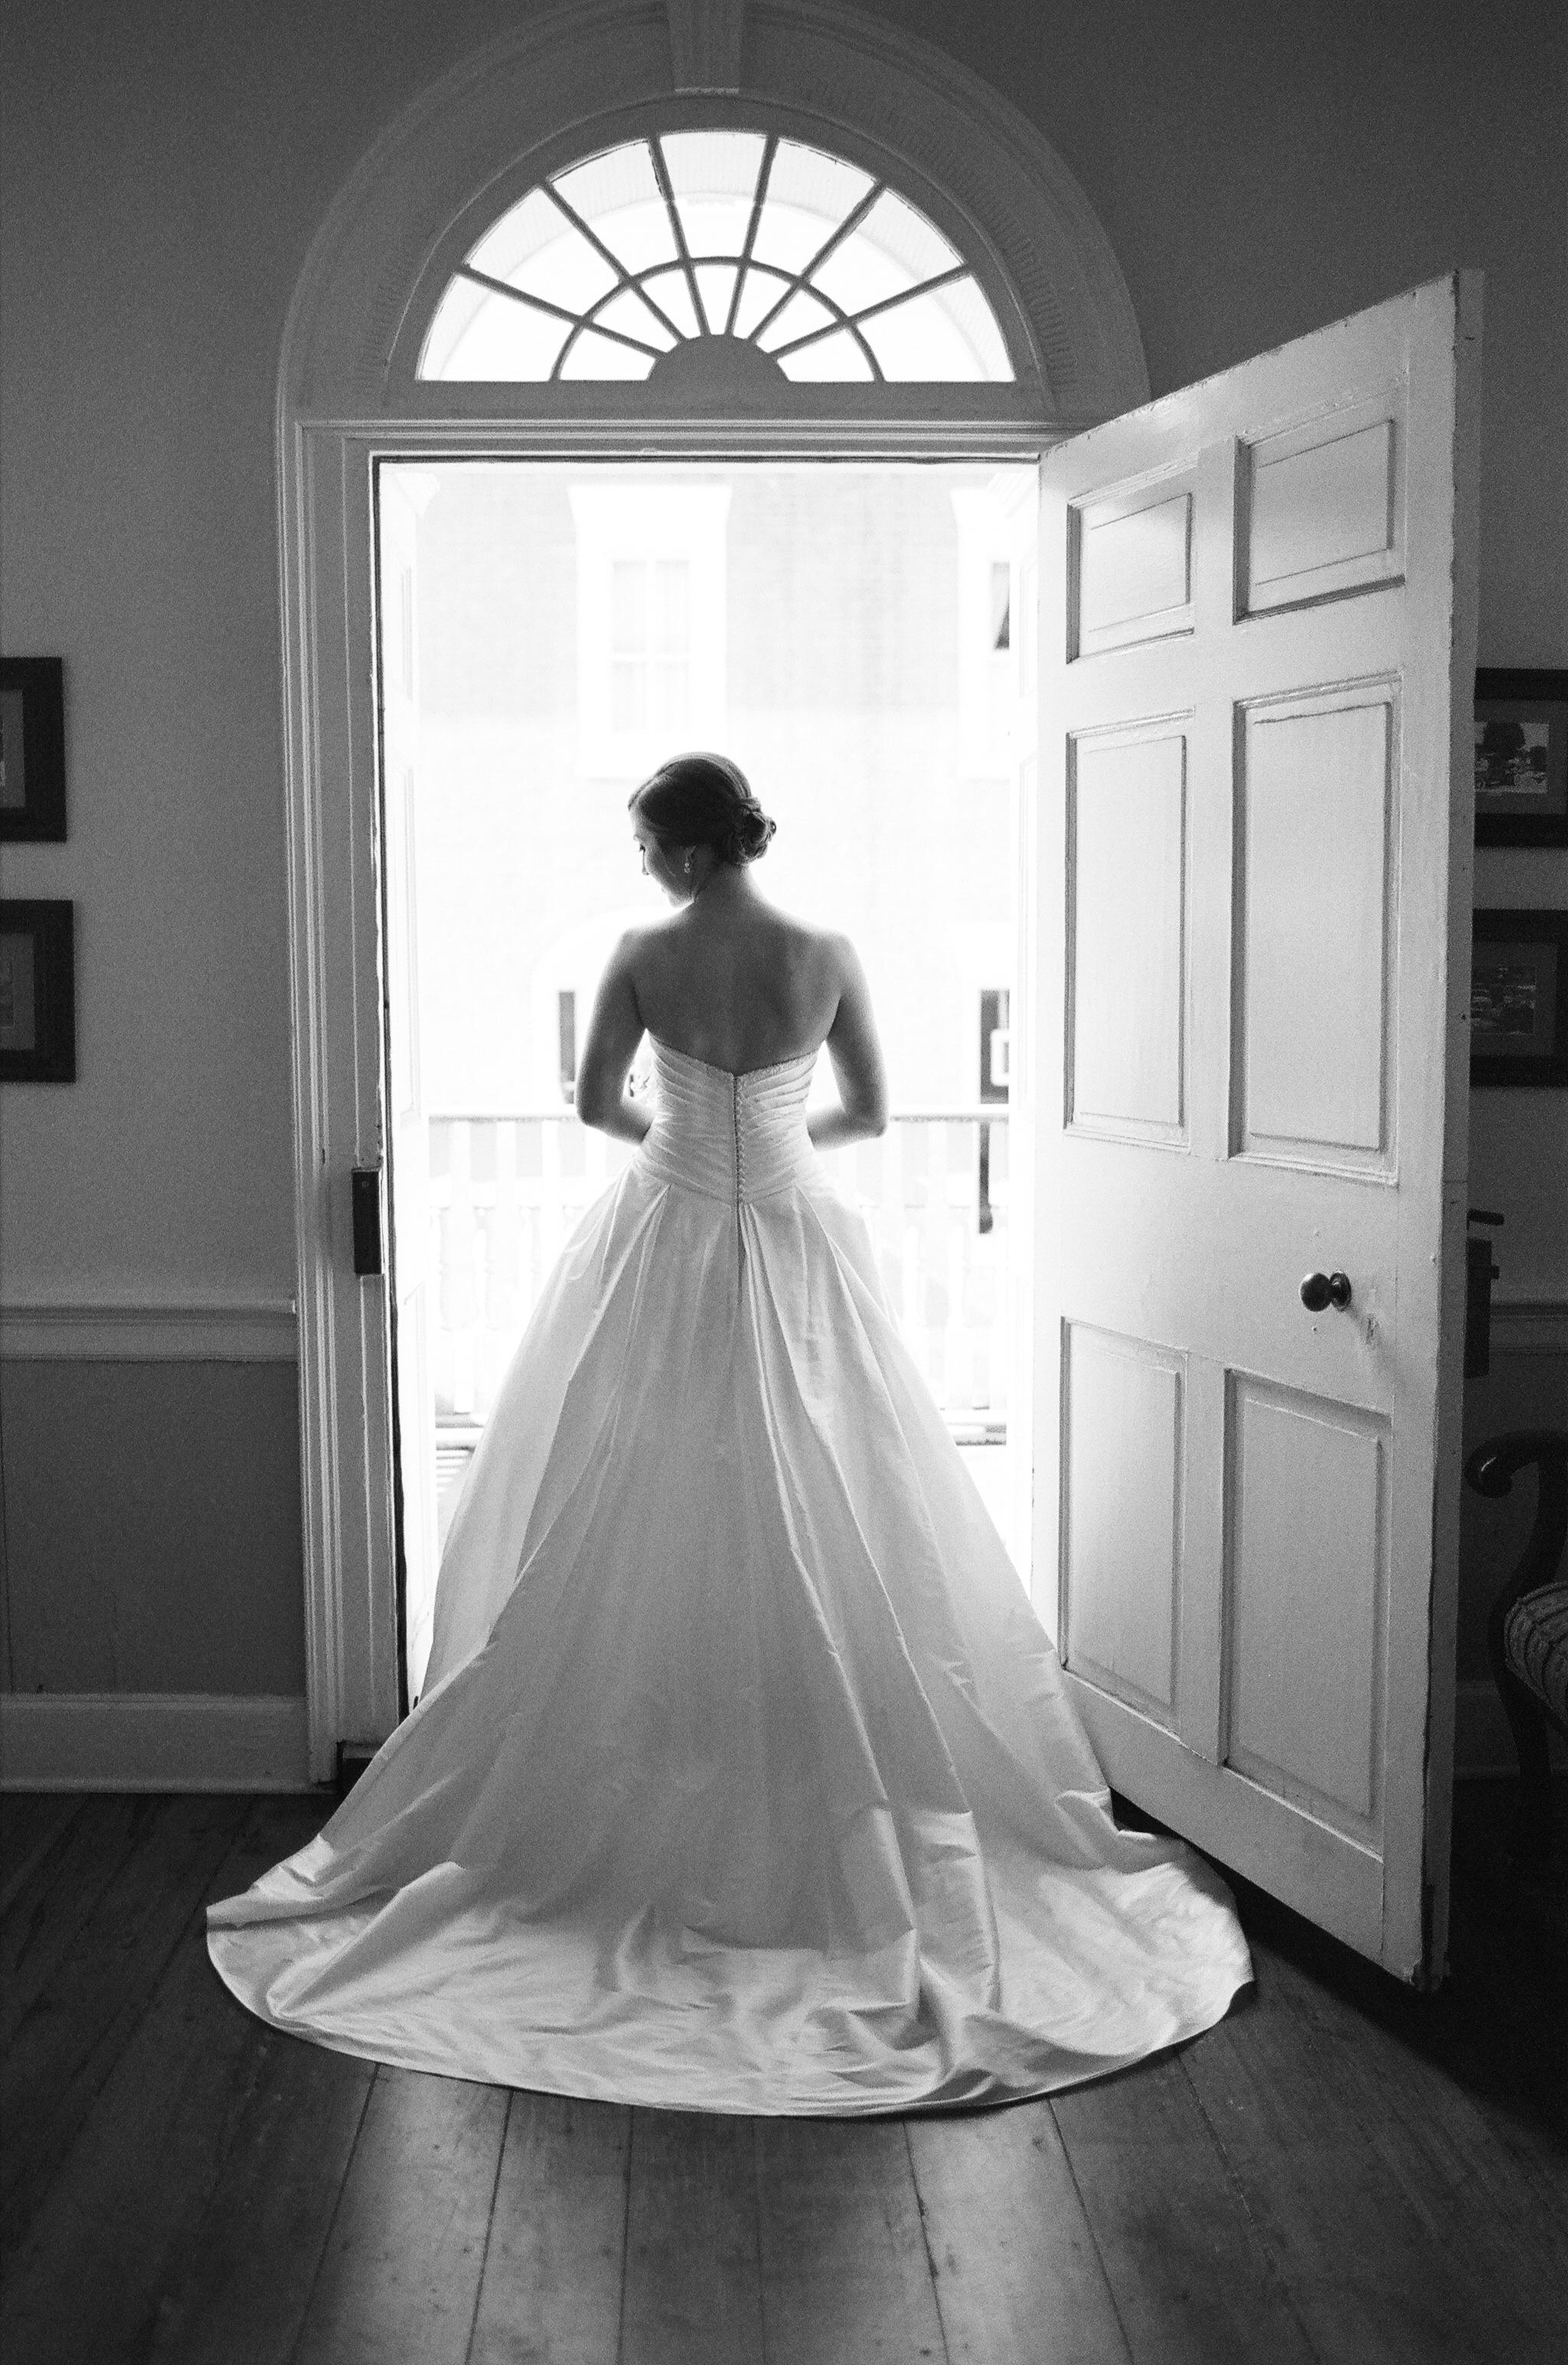 natalie_watson_weddings_1010.jpg